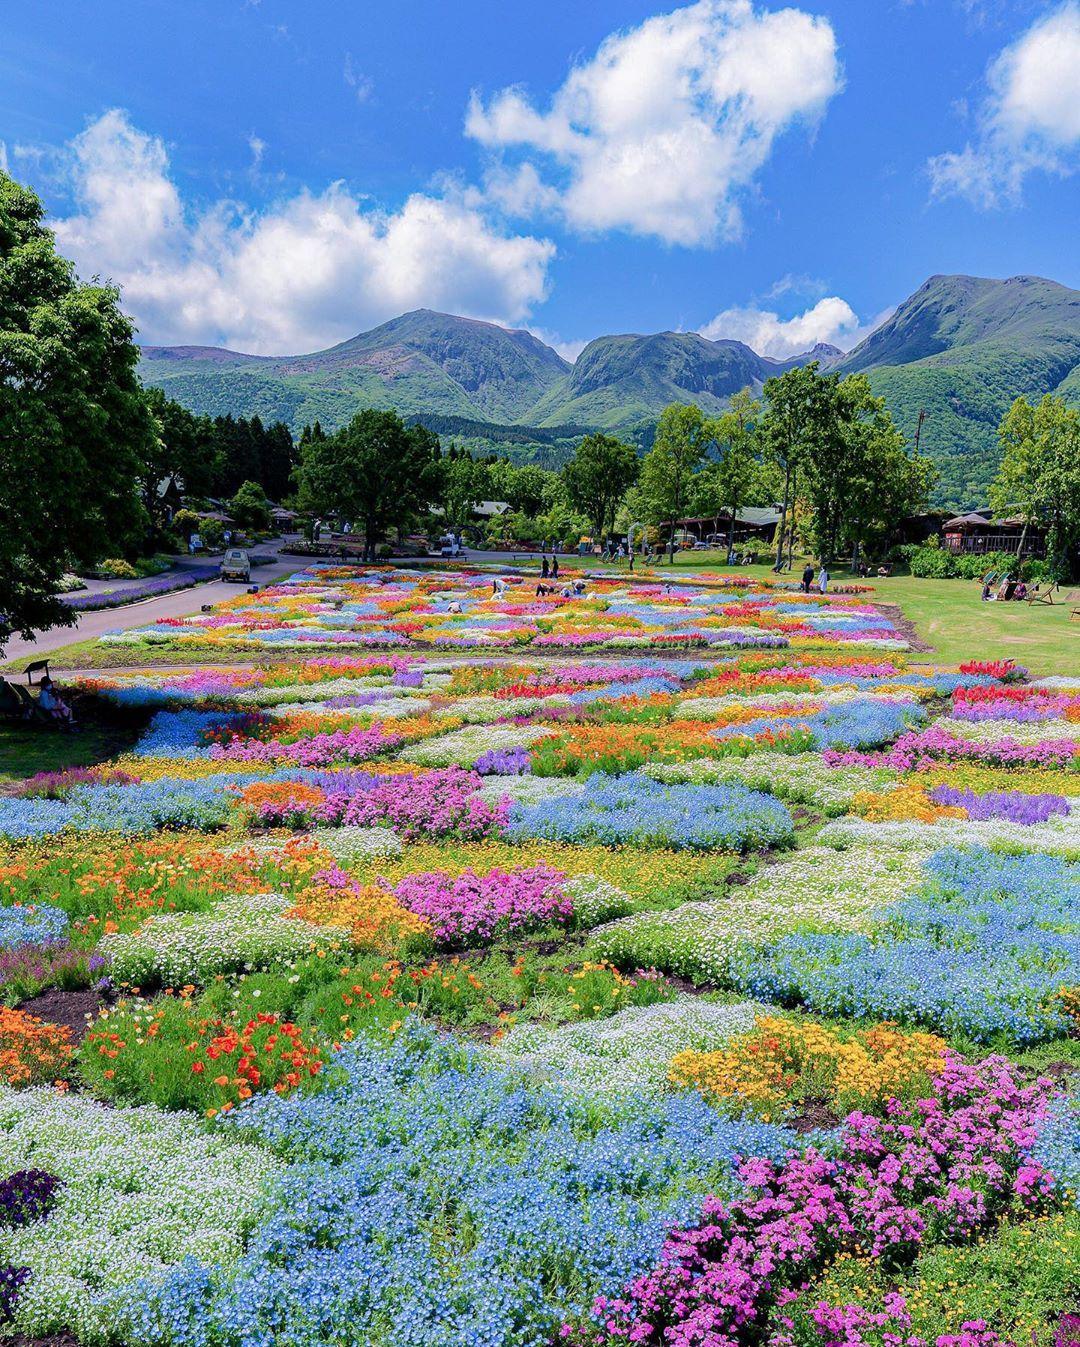 Điểm đặc biệt của công viên này là thay vì quy hoạch ngay hàng thẳng lối mỗi giống hoa ở một khhu vực riêng biệt, tạo hình ngay ngắn thì những nghệ nhân ở Kuju lại trồng hoa theo phong cách tự nhiên, hoang dã. Hoa màu này xen lẫn hoa màu khác, tạo nên thảm hoa sặc sỡ, đầy sức sống.